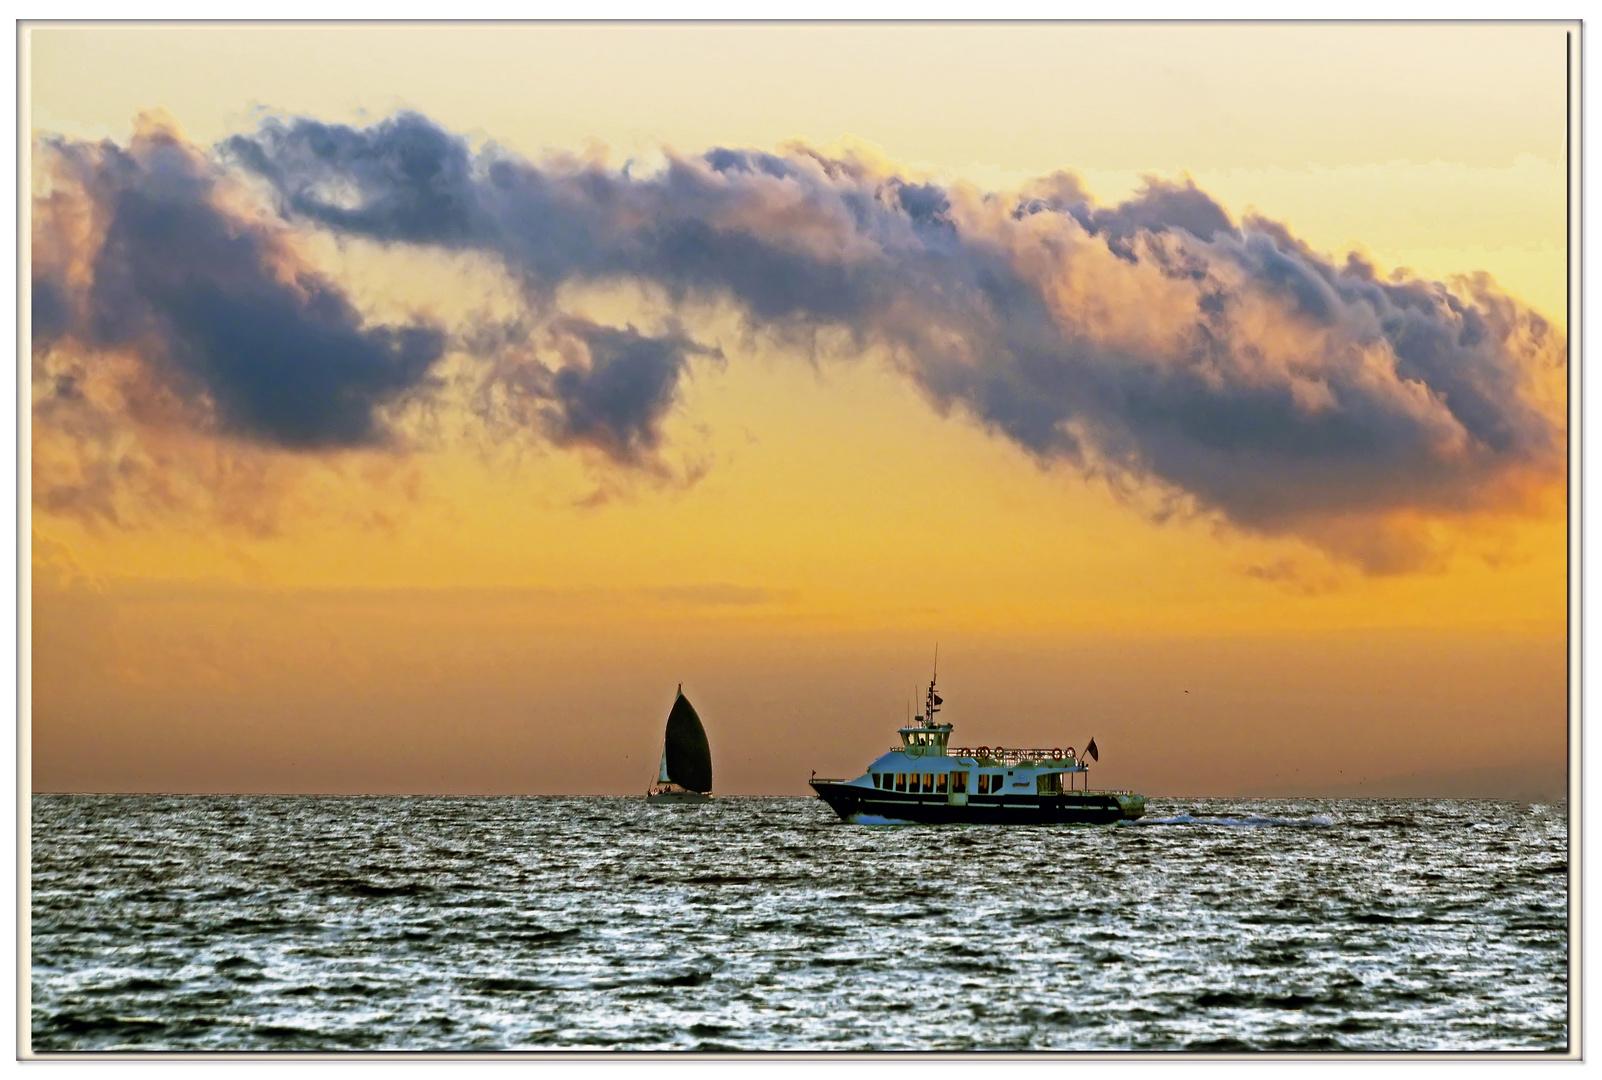 ultimo traghetto ....